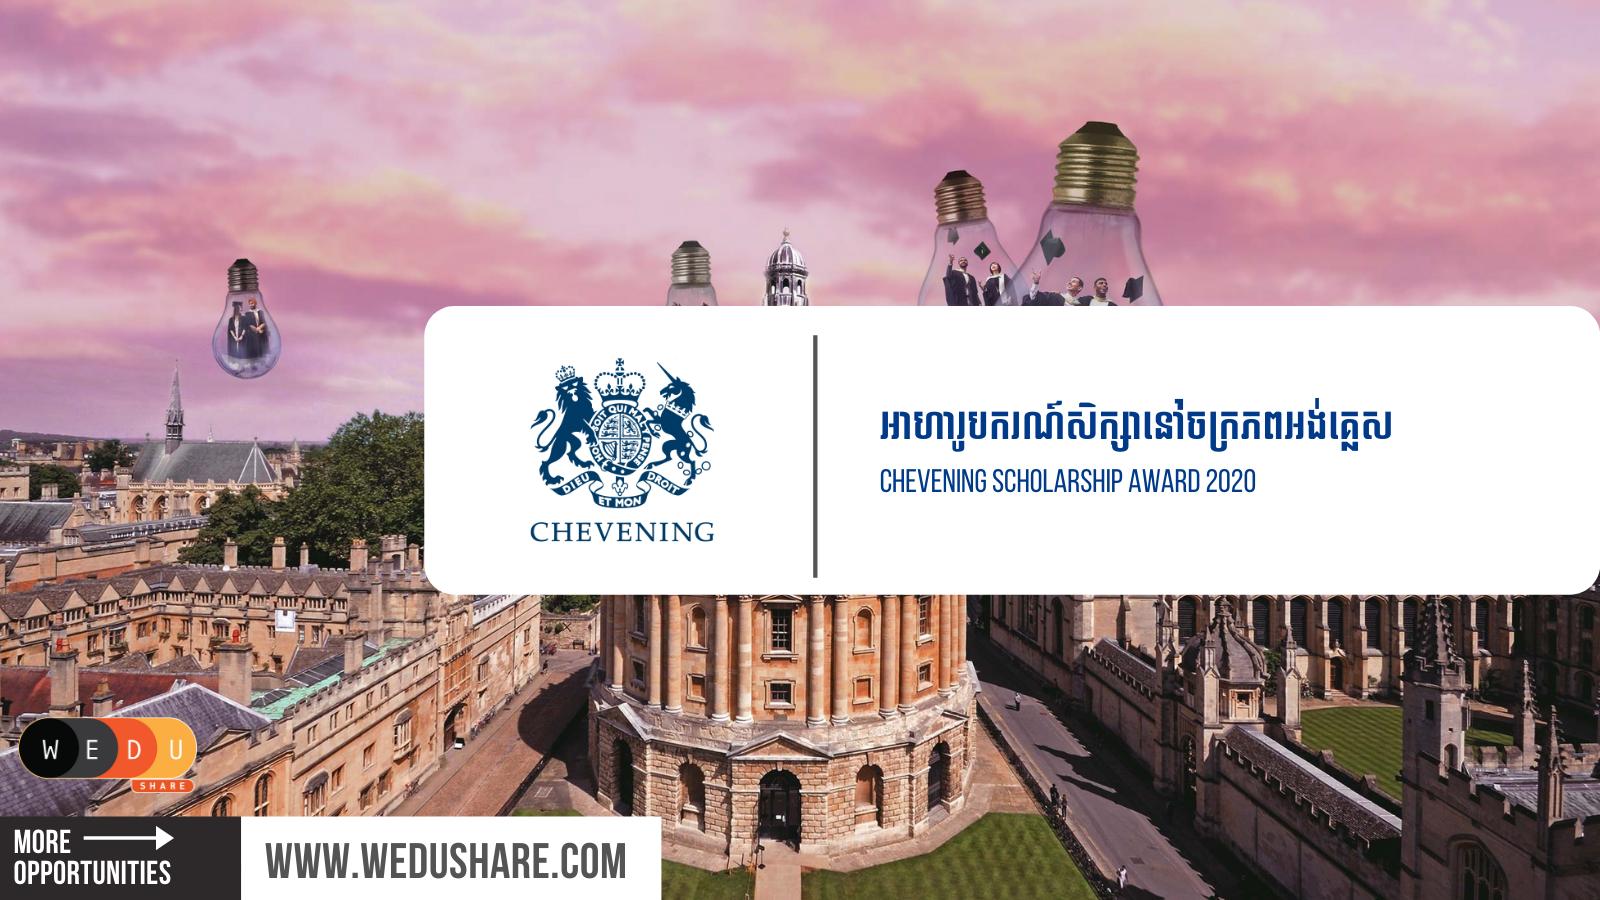 2020 Chevening Scholarship Award